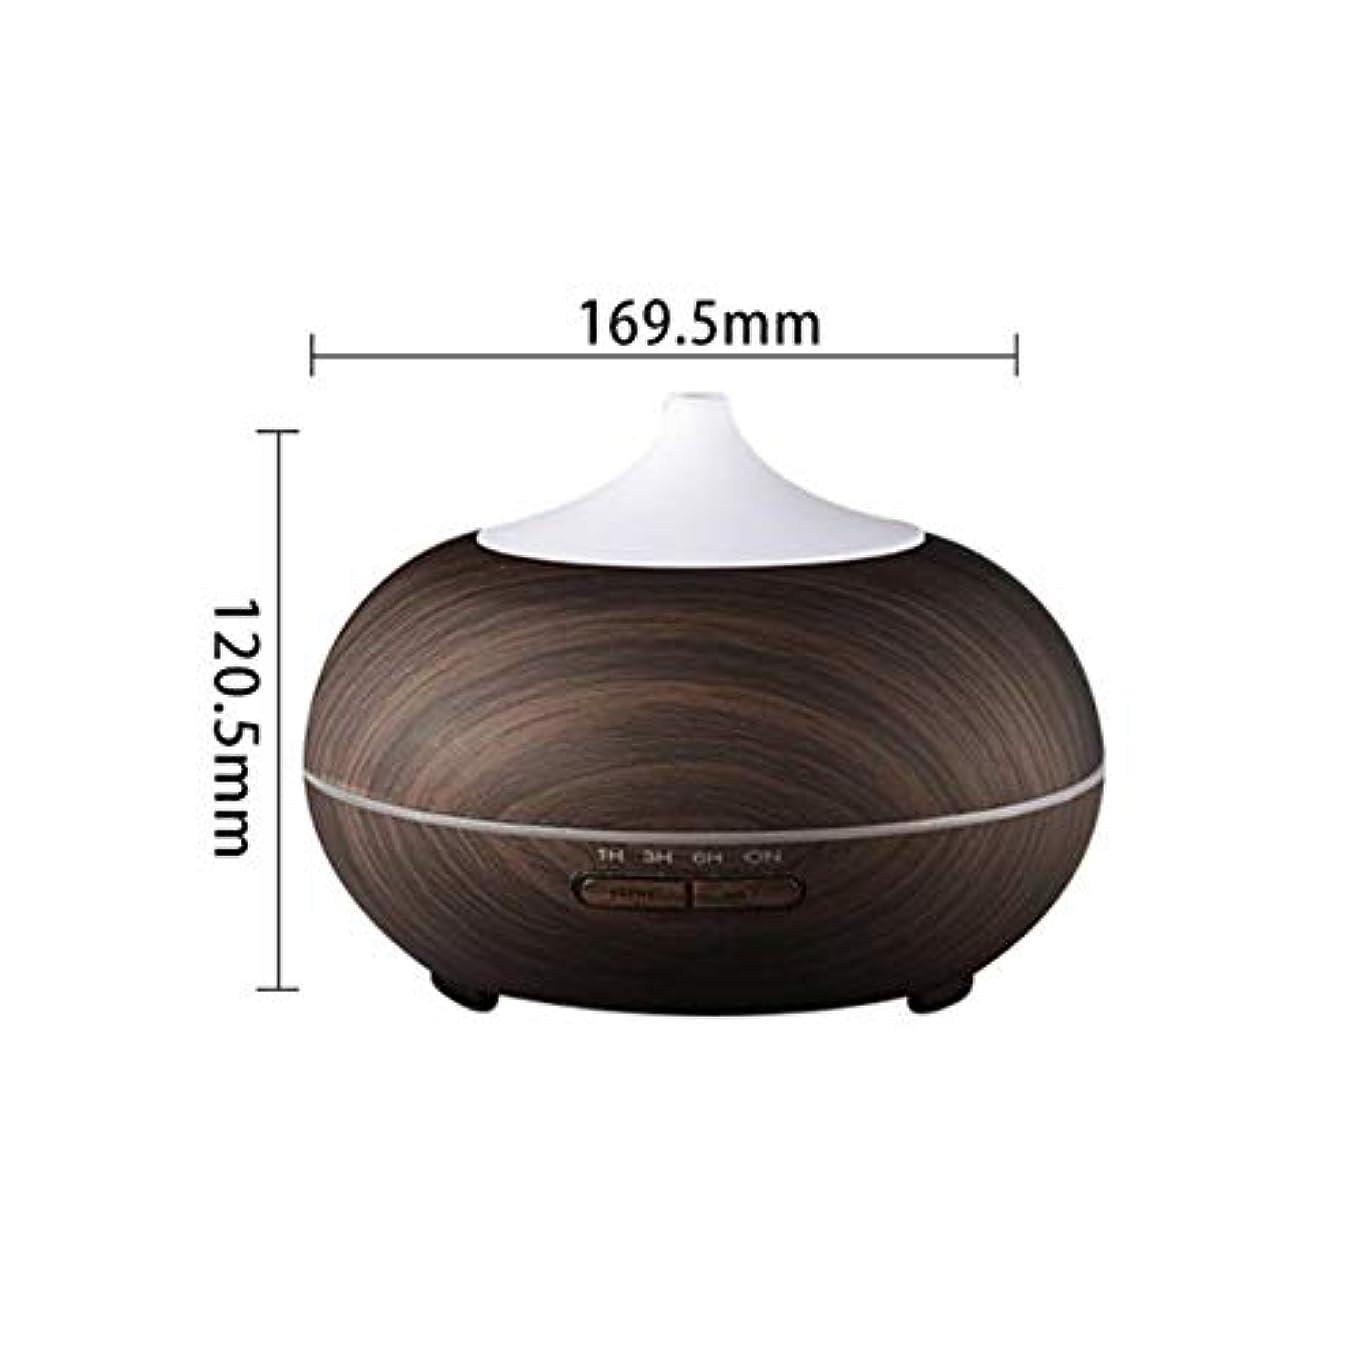 贅沢な再発するコンクリート木目 涼しい霧 加湿器,7 色 空気を浄化 加湿機 時間 手動 Wifiアプリコントロール 精油 ディフューザー アロマネブライザー Yoga- 300ml